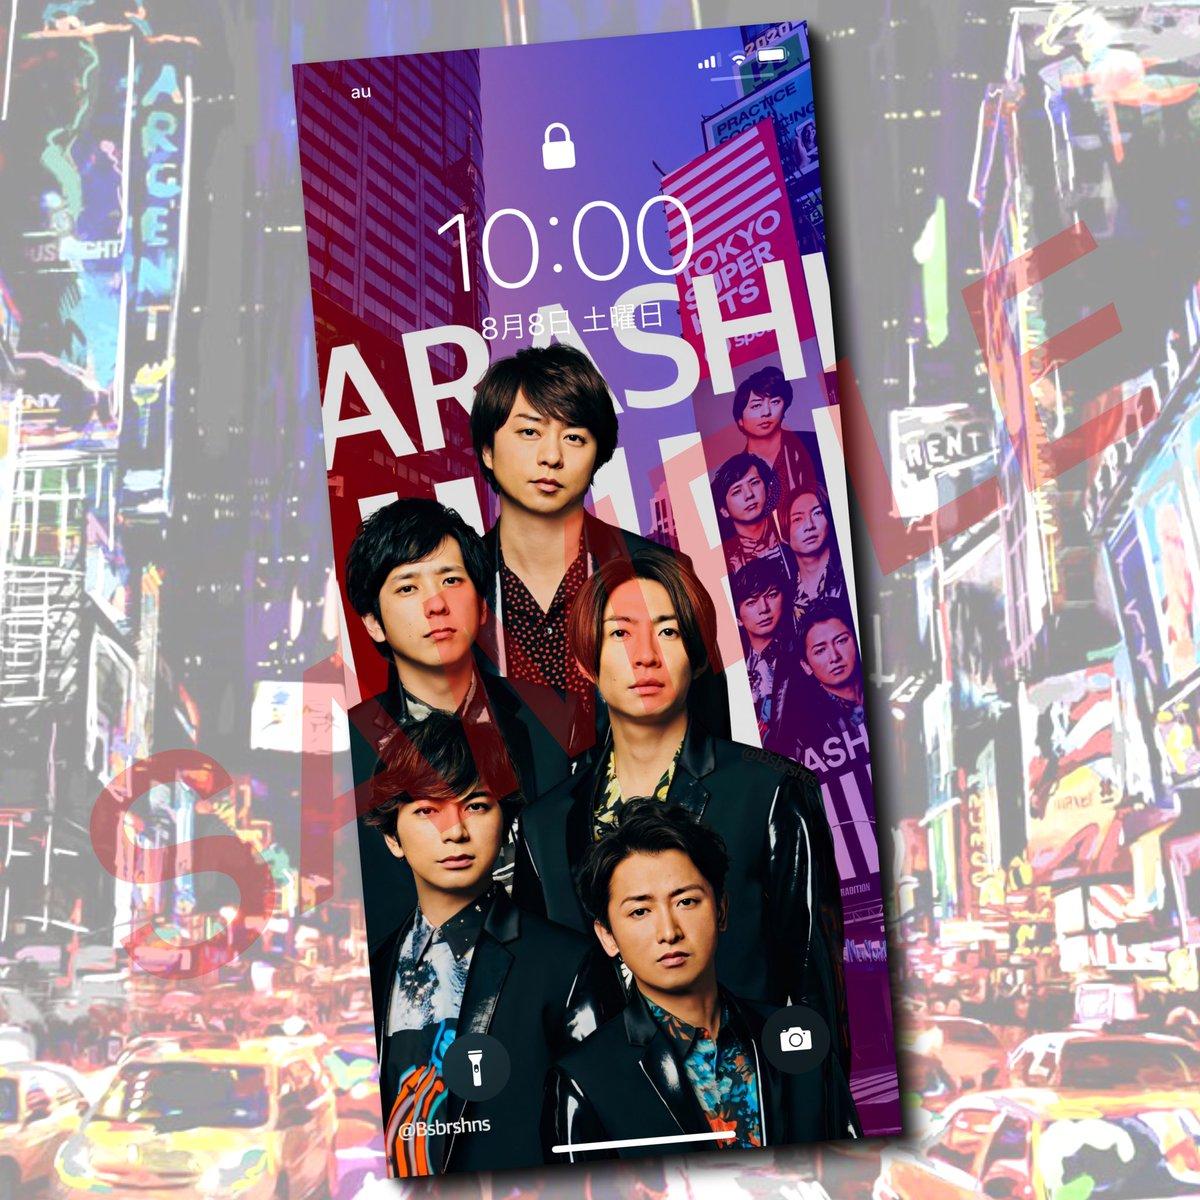 嵐 Spotify 【ロック画面】  2000RT達成できたら配布しようと思います‼︎  #嵐 #ARASHI #INTHESUMMER #ArashiOnSpotify #Bsb27加工